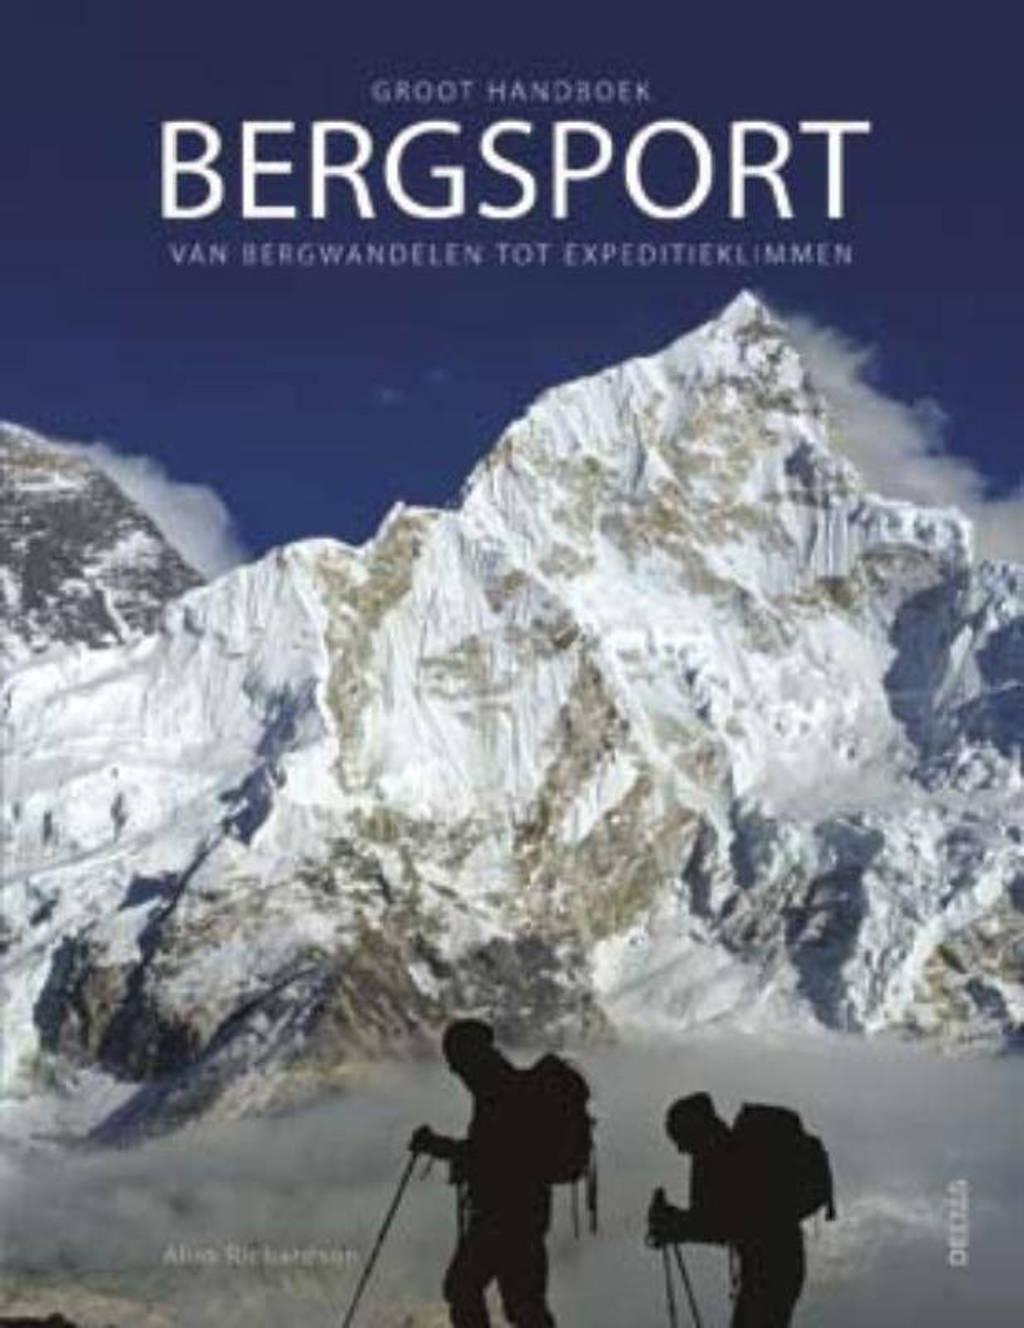 Groot handboek bergsport - Alun Richardson